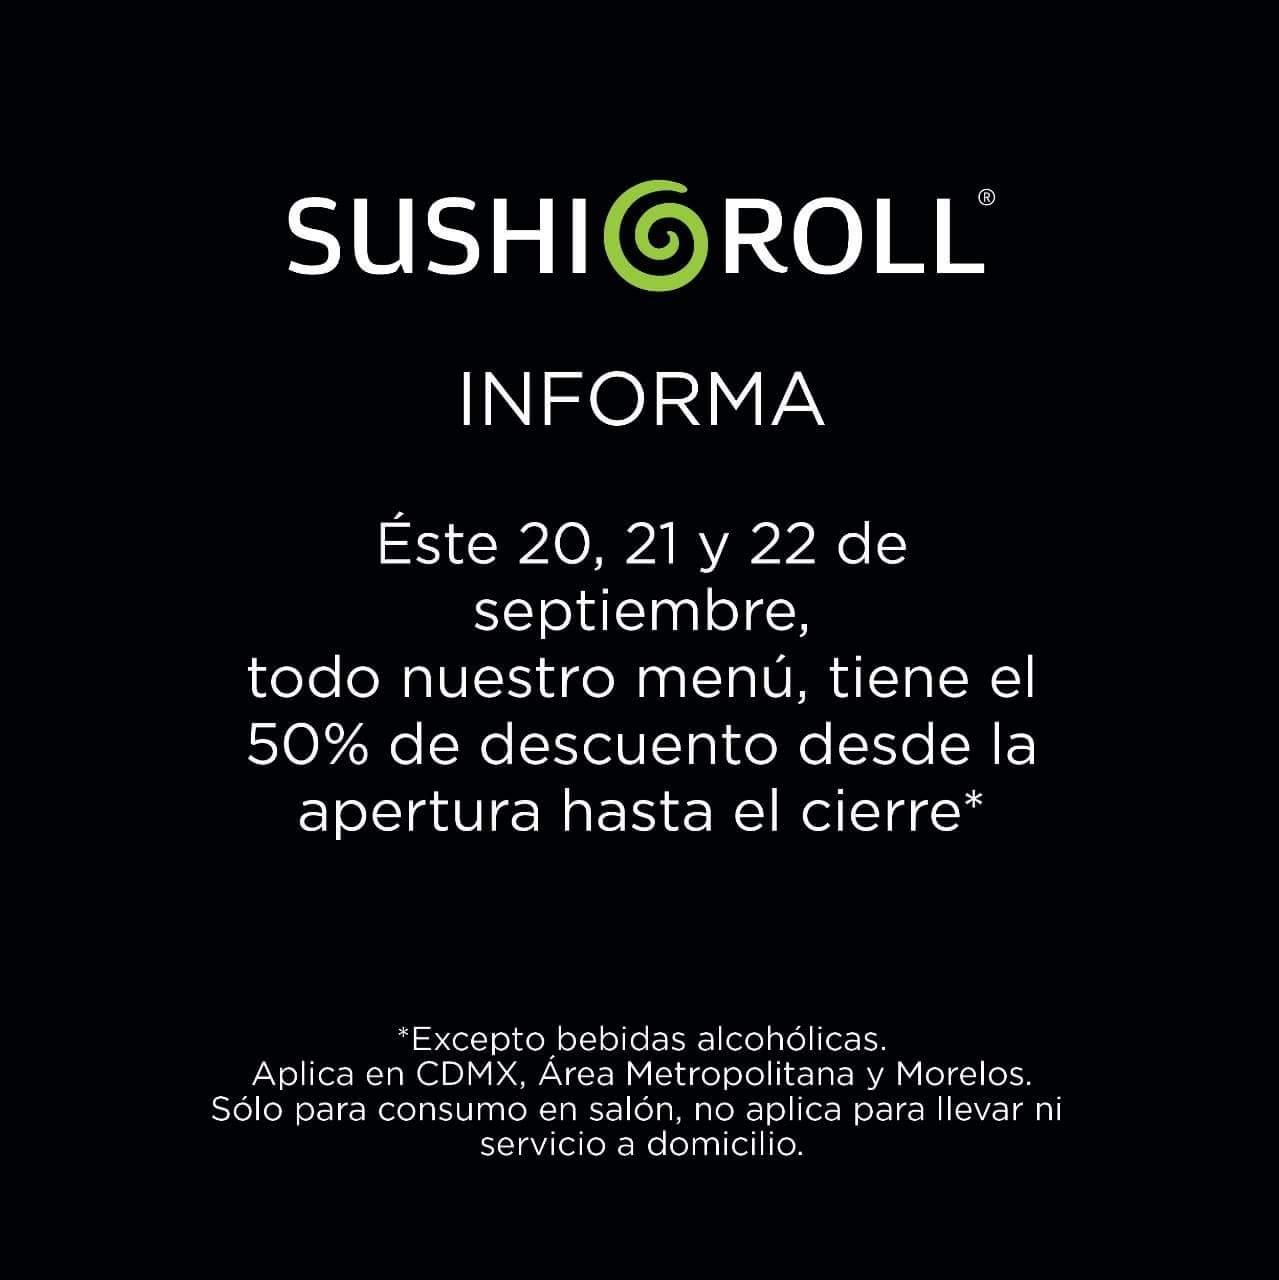 Sushi Roll: 50% de descuento en todo el menú